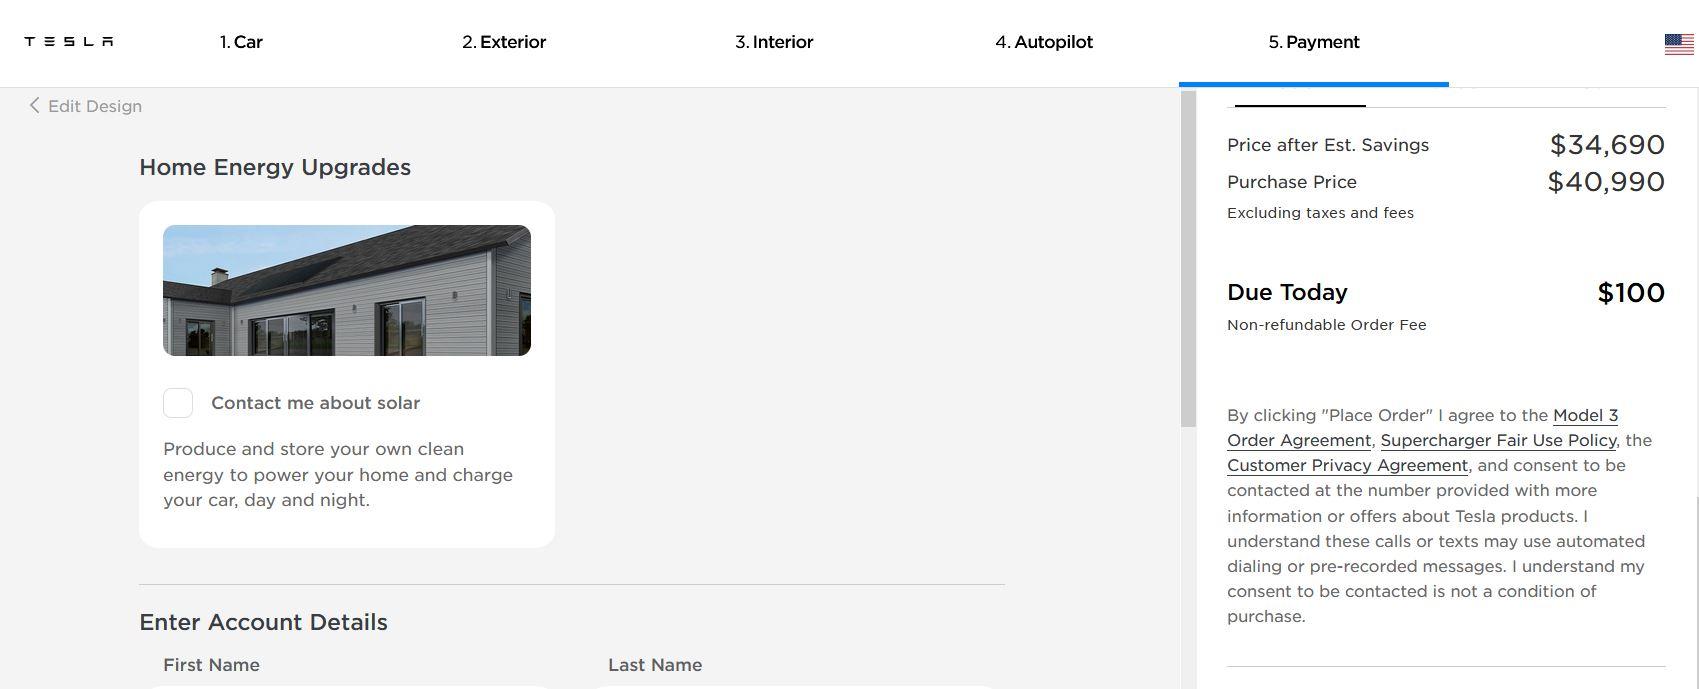 Tesla Model 3 Design Studio – Pay Order Fee